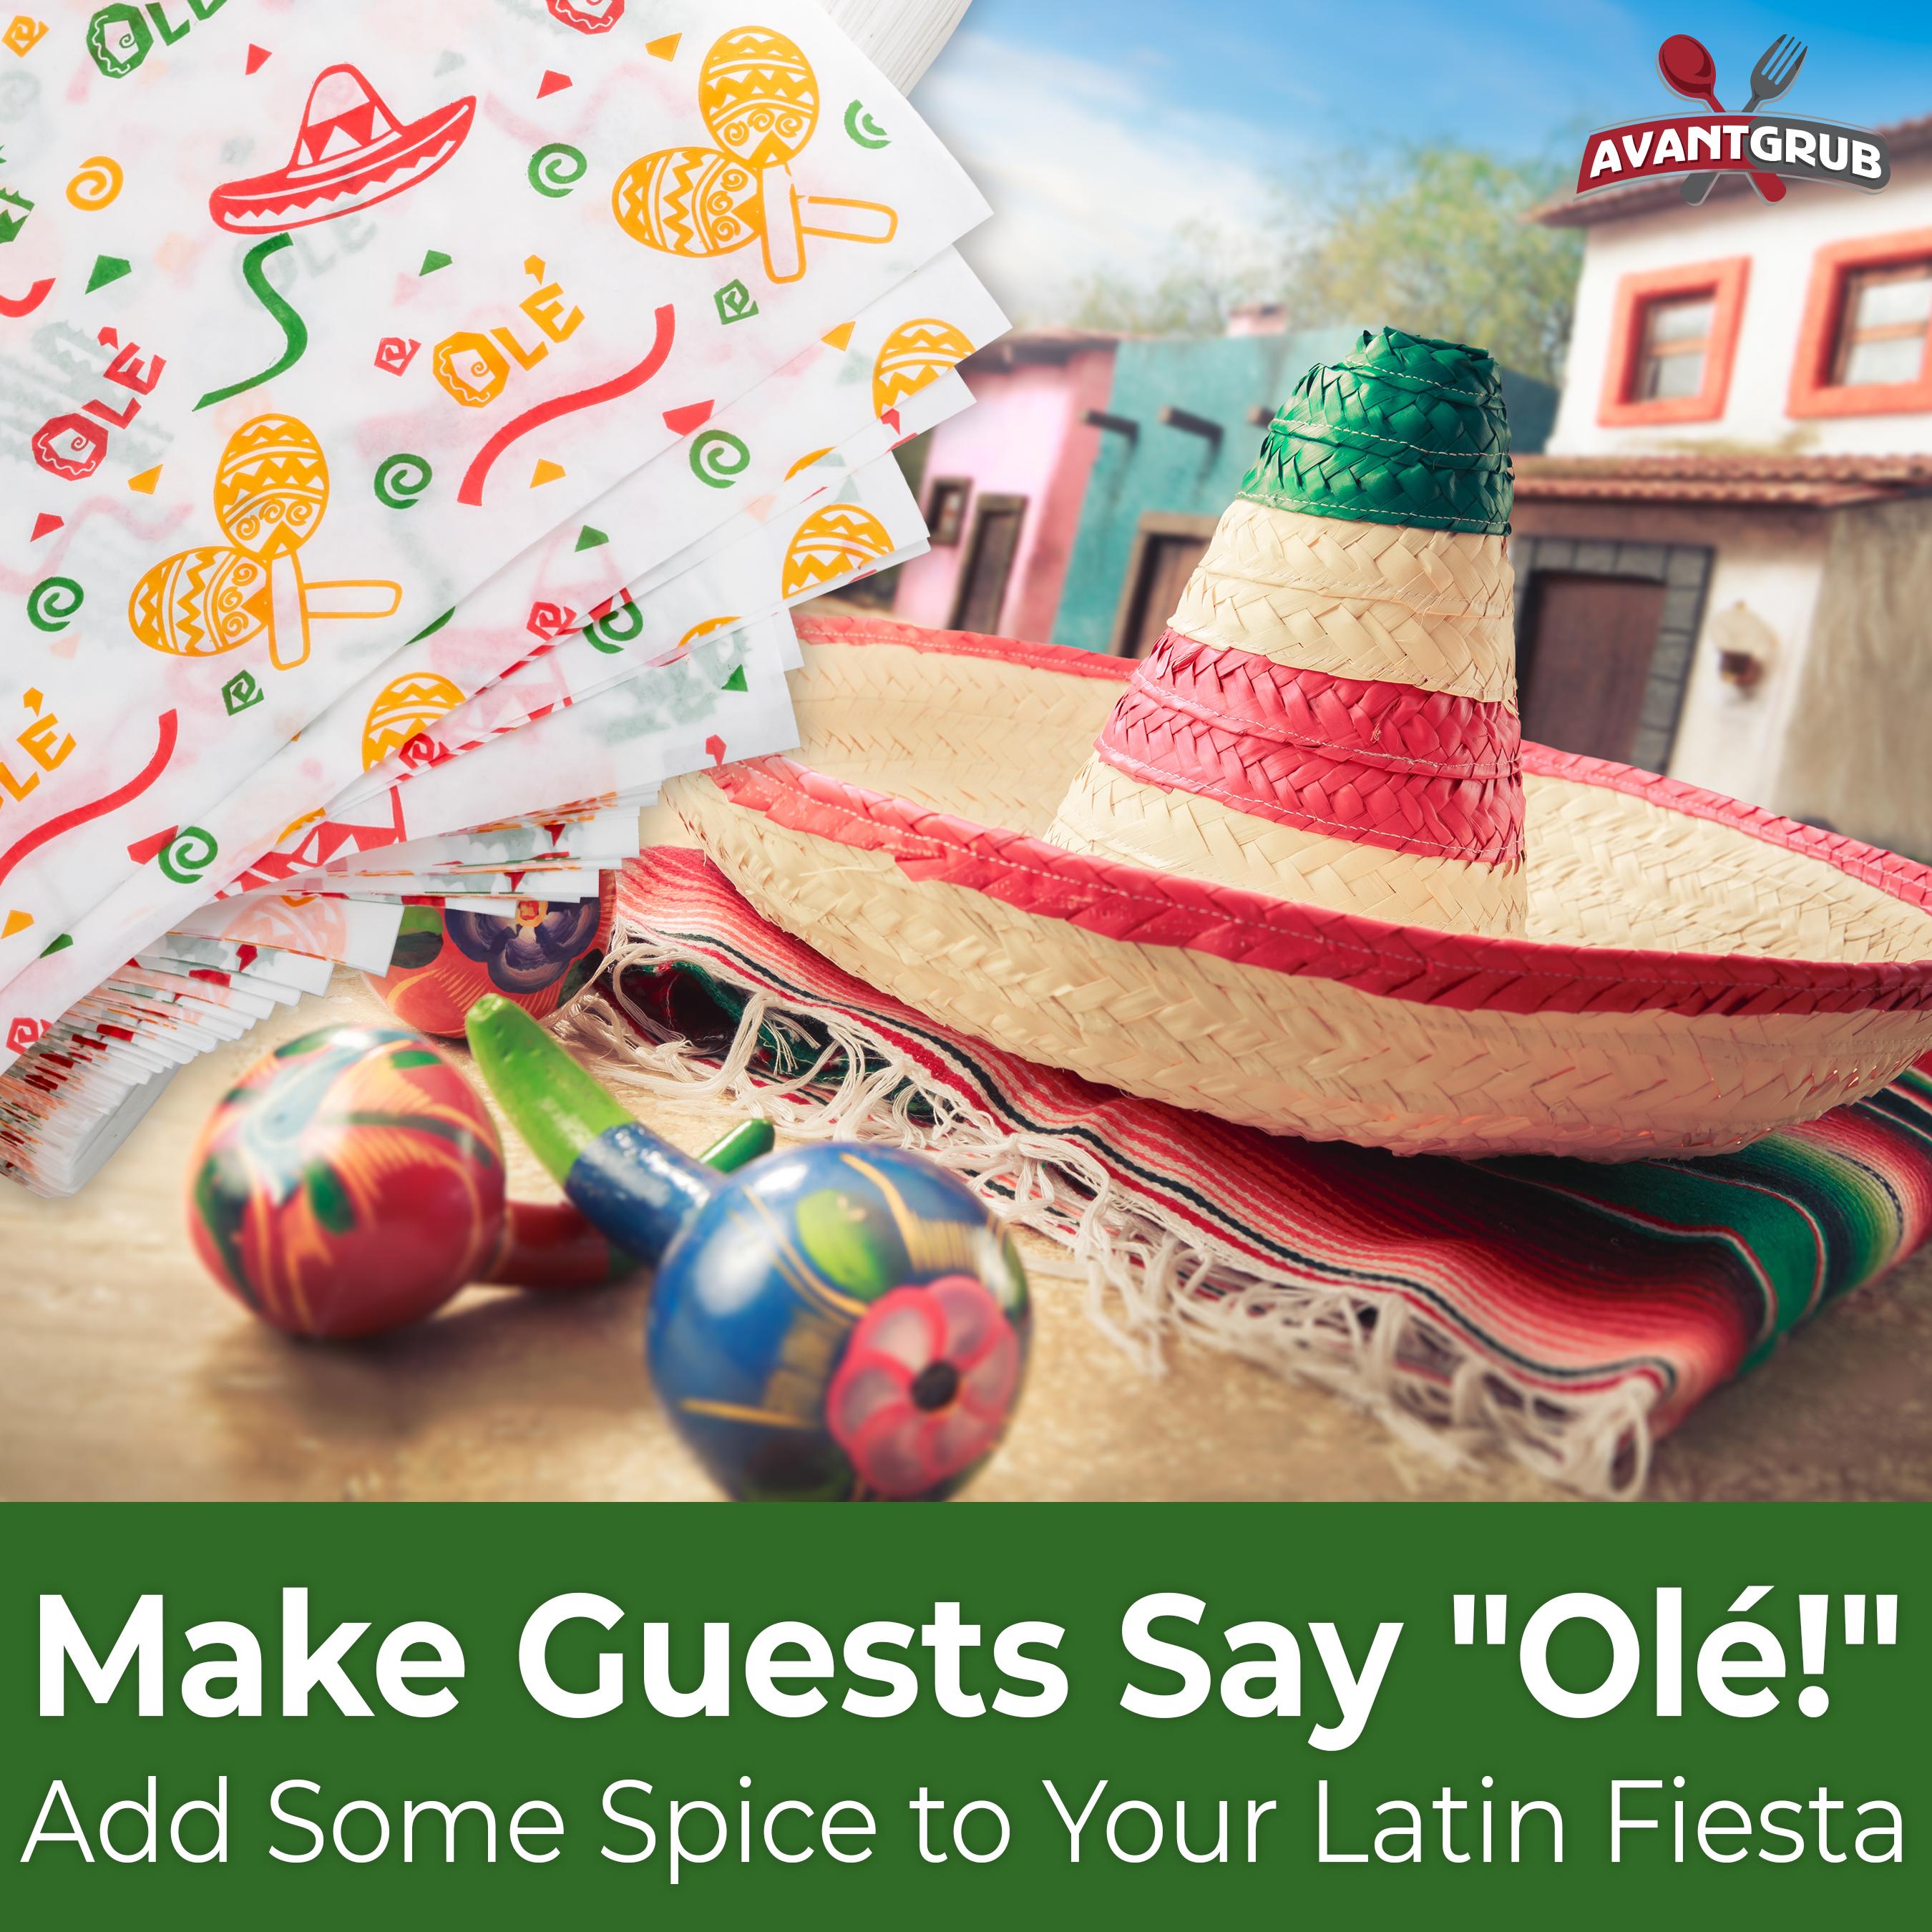 miniature 10 - Fiesta Style Mexican Deli Paper Liner 12x12 Burrito & Taco Wrapper by Avant Grub